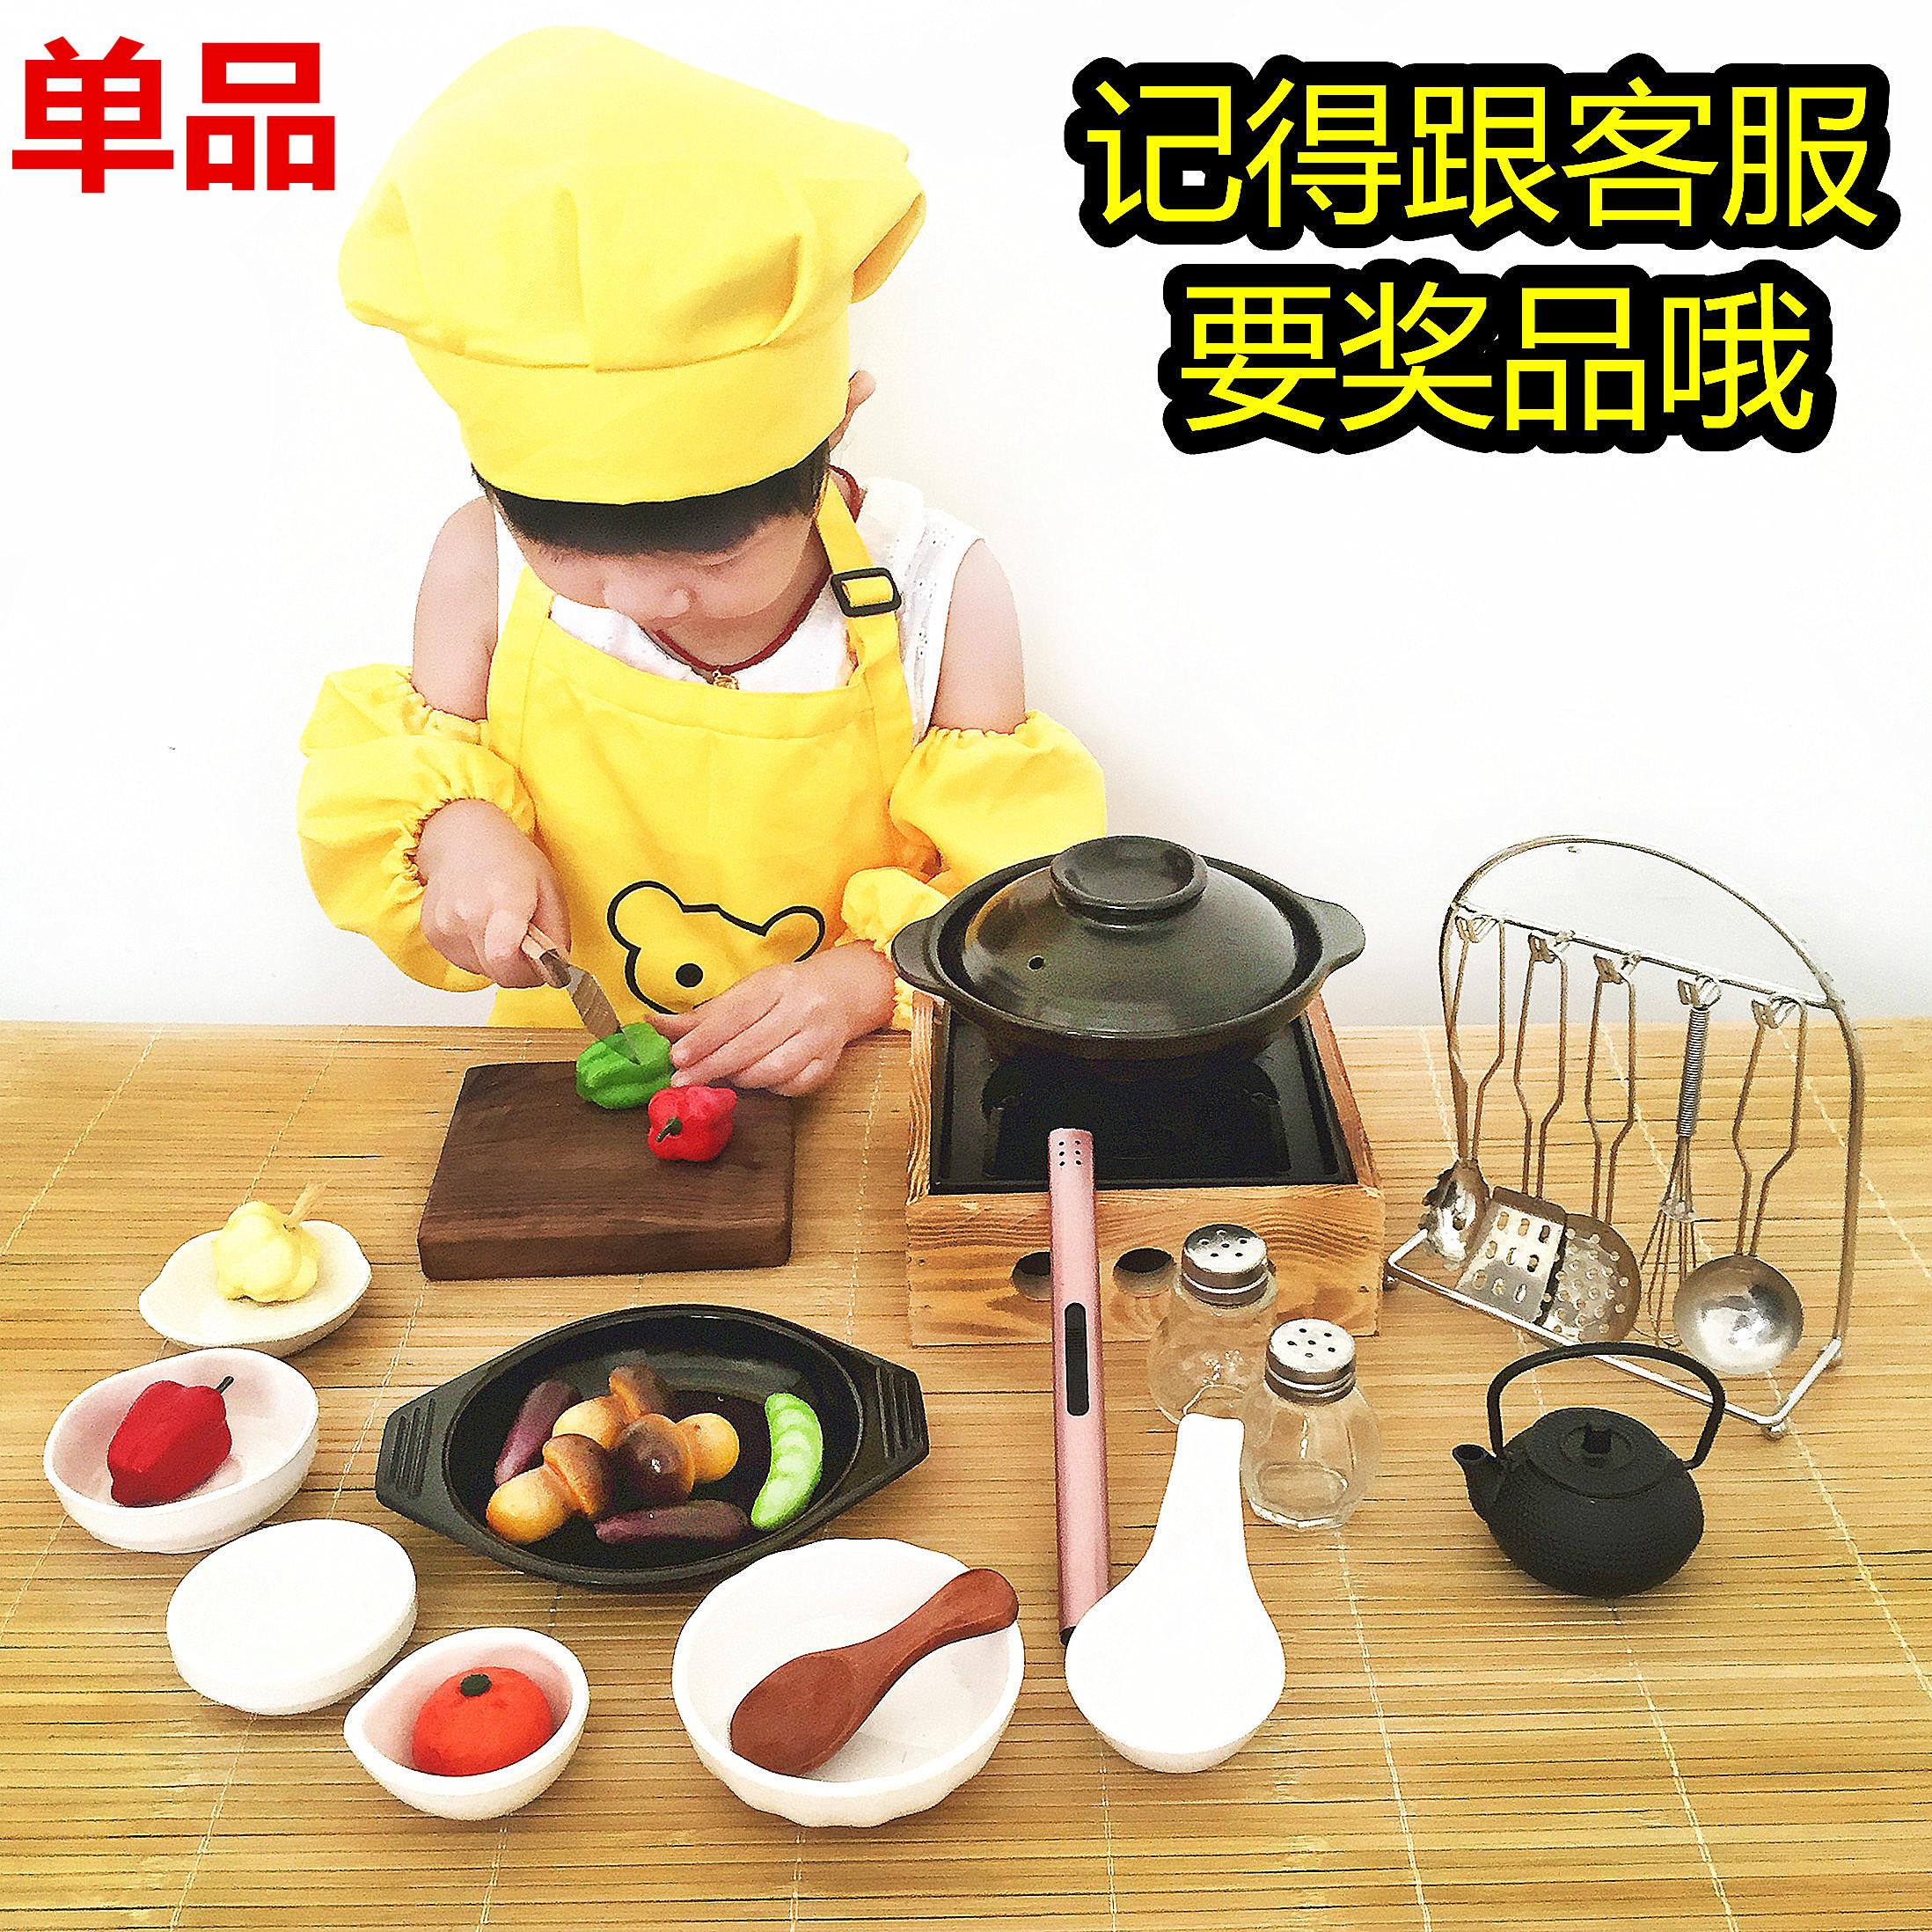 单品专拍【2】 儿童益智真煮过家家仿真厨房食玩不锈钢做饭厨具